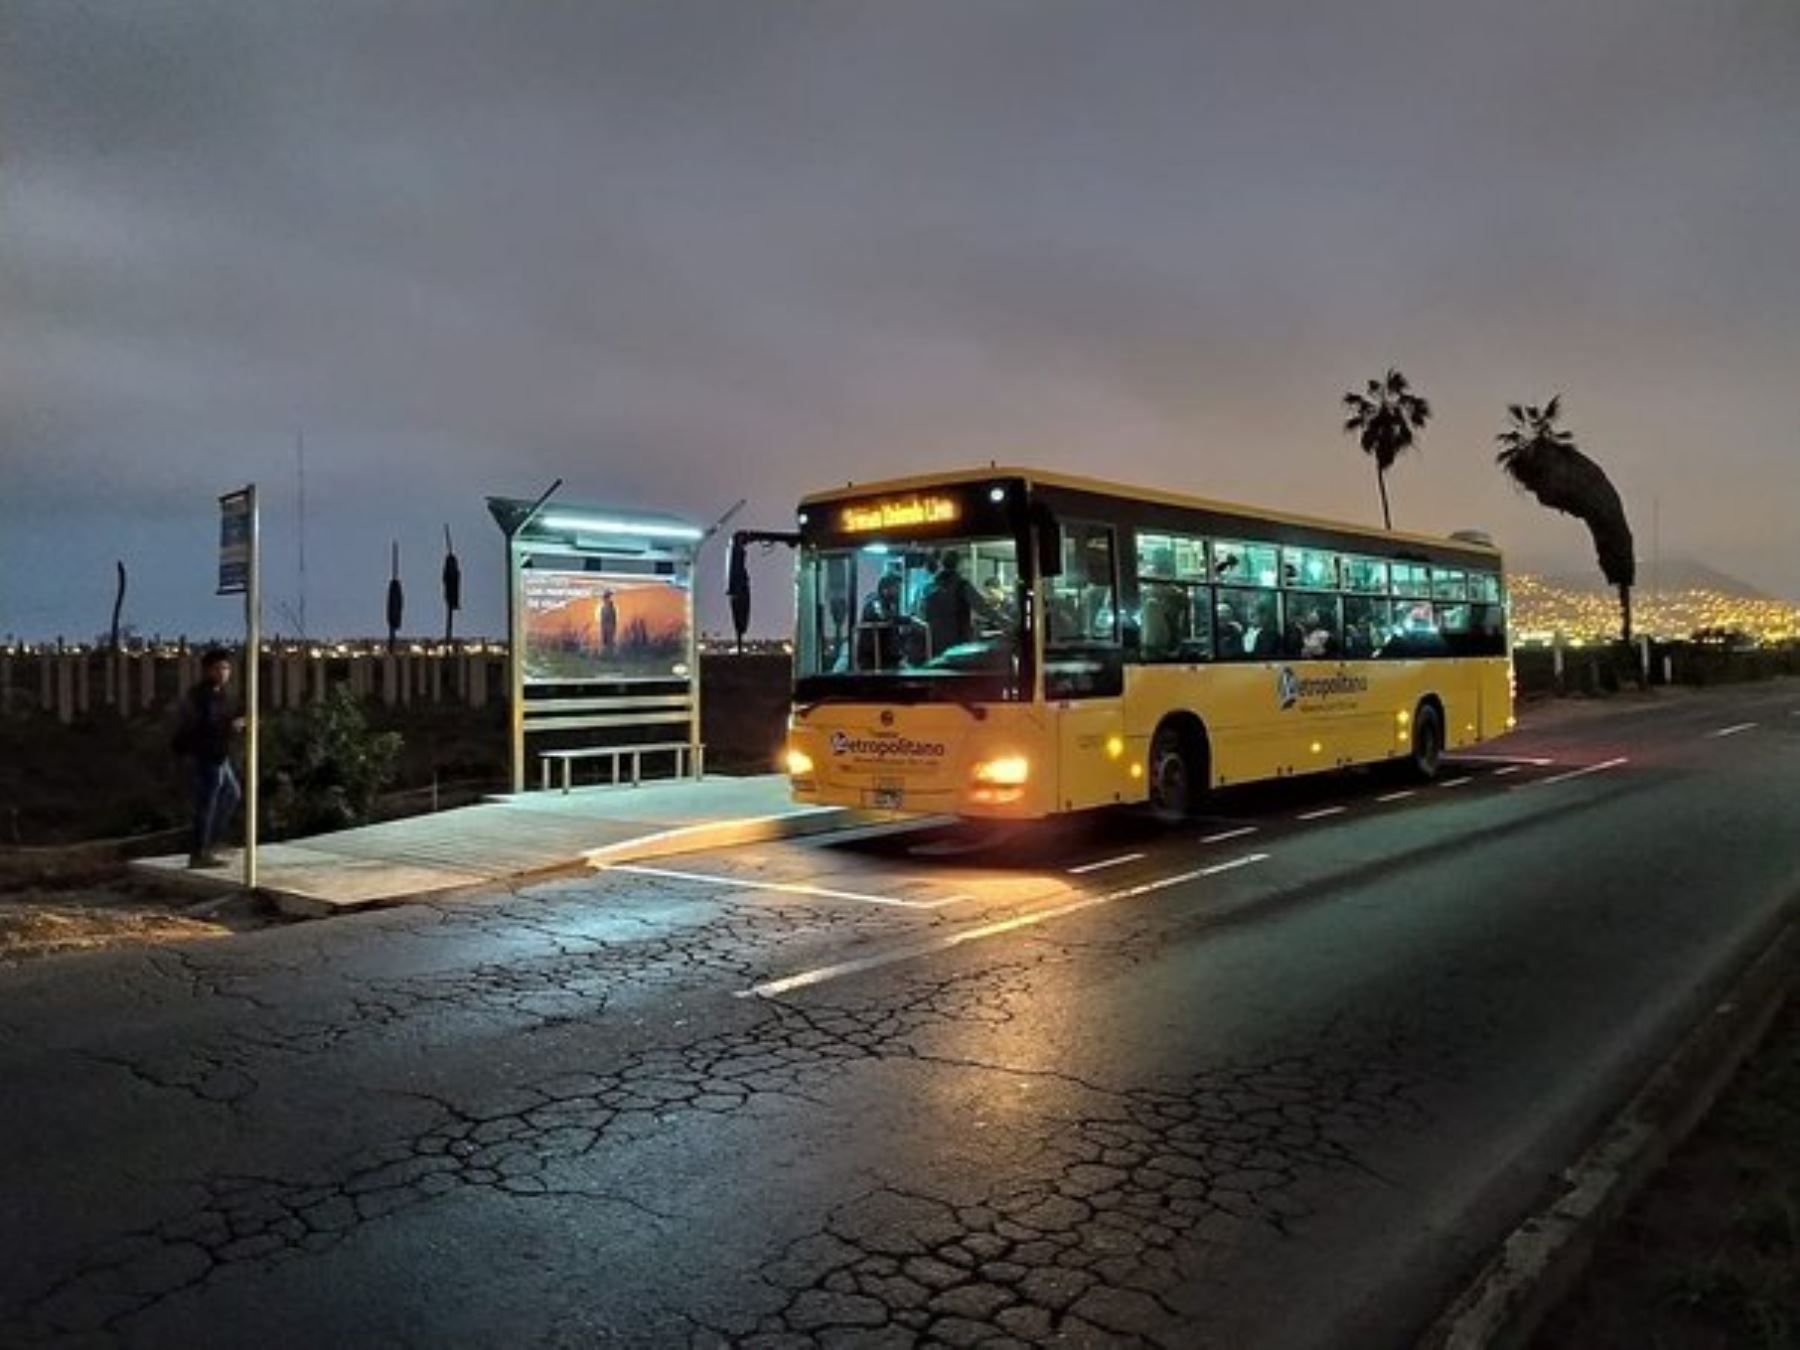 """La Municipalidad de Lima inició la instalación de paneles solares en paraderos convencionales del Metropolitano convirtiéndolos en paraderos """"inteligentes"""" que utilizan energía renovable."""